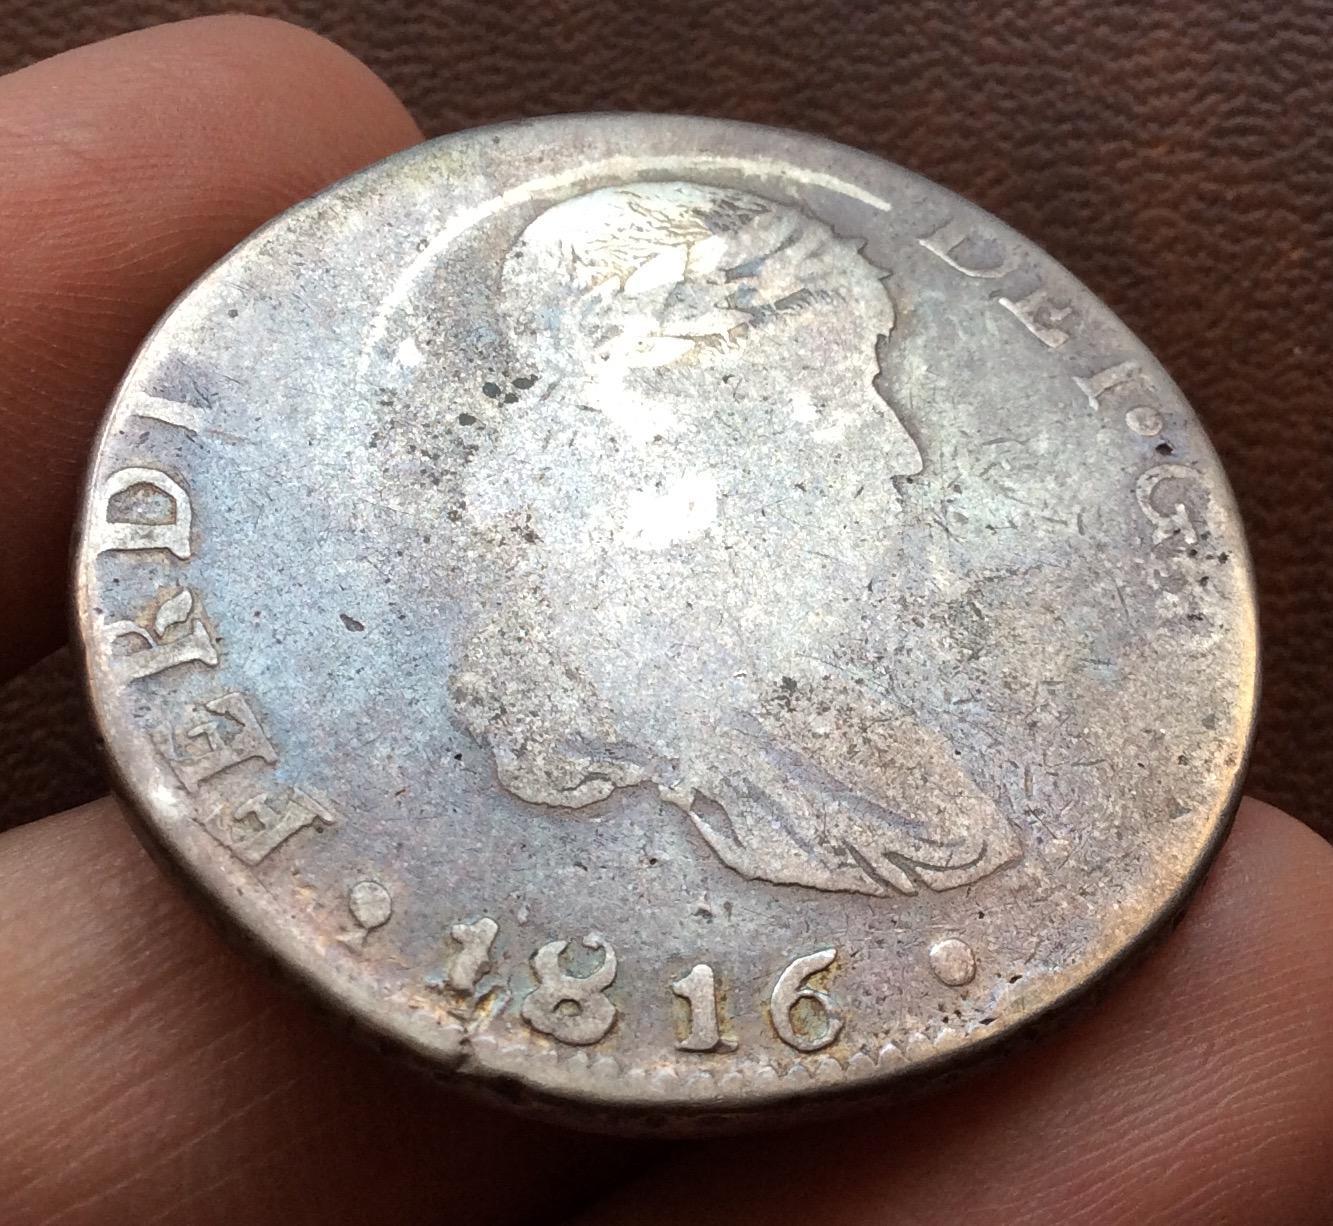 8 REALES PLATA 1816 - DURANGO MZ -  FERNANDO VII - MUY ESCASA